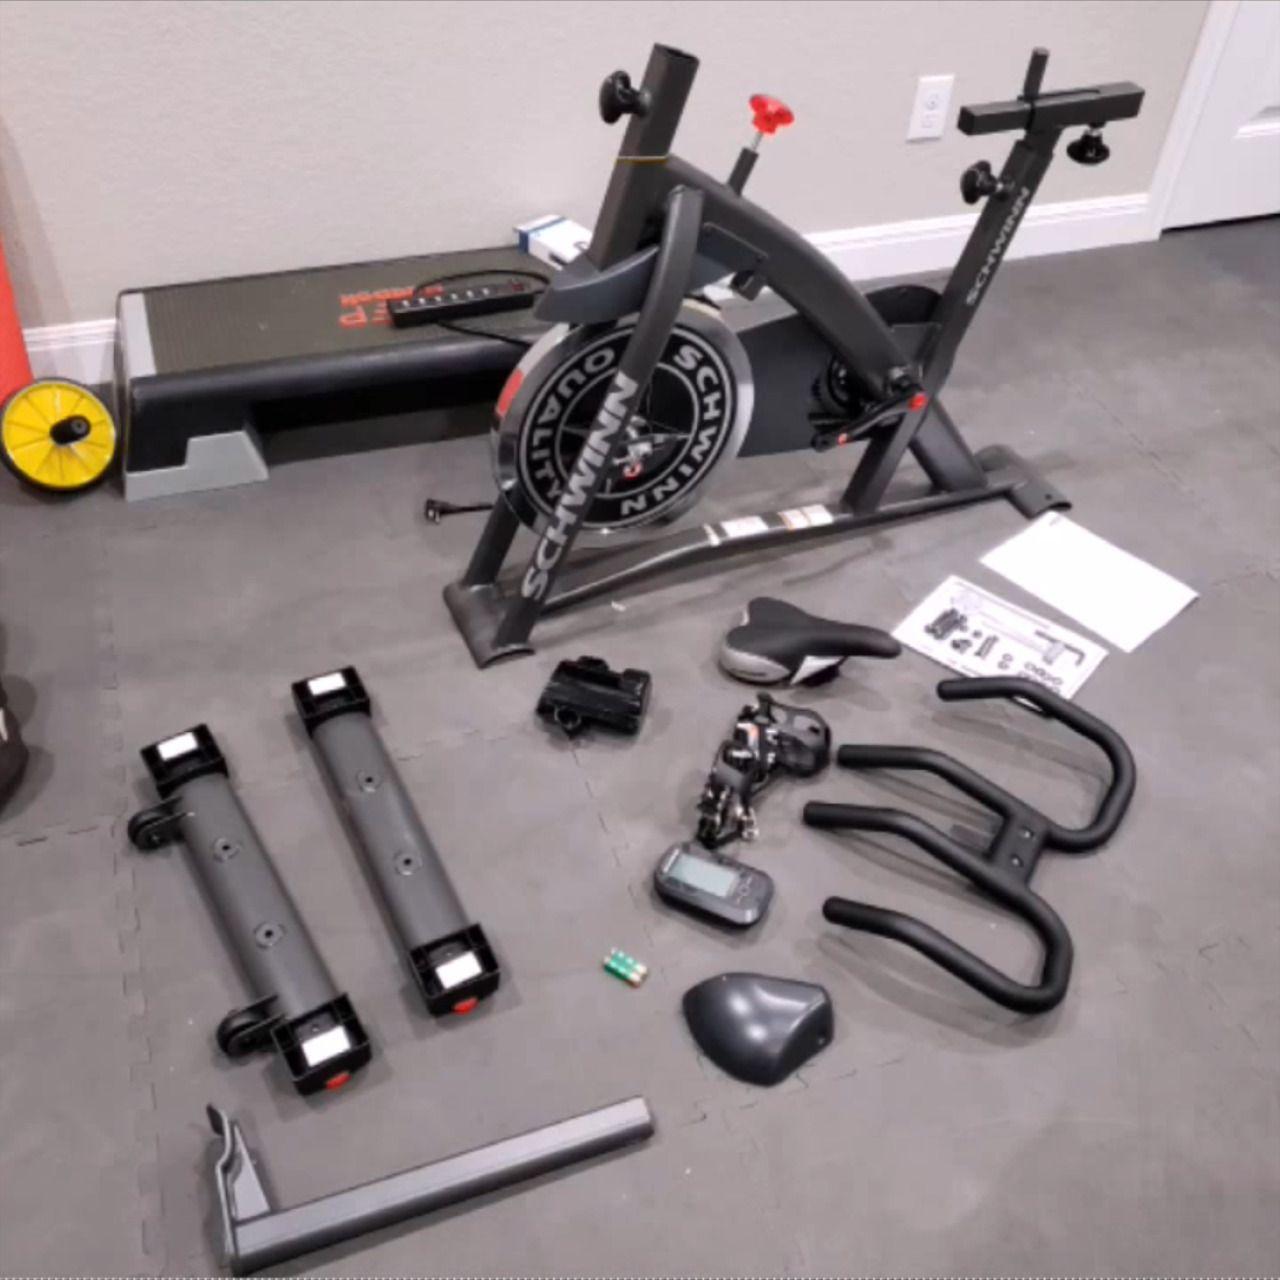 Spinner Elite Spin Bike Spin Bikes Exercise Bikes Bike